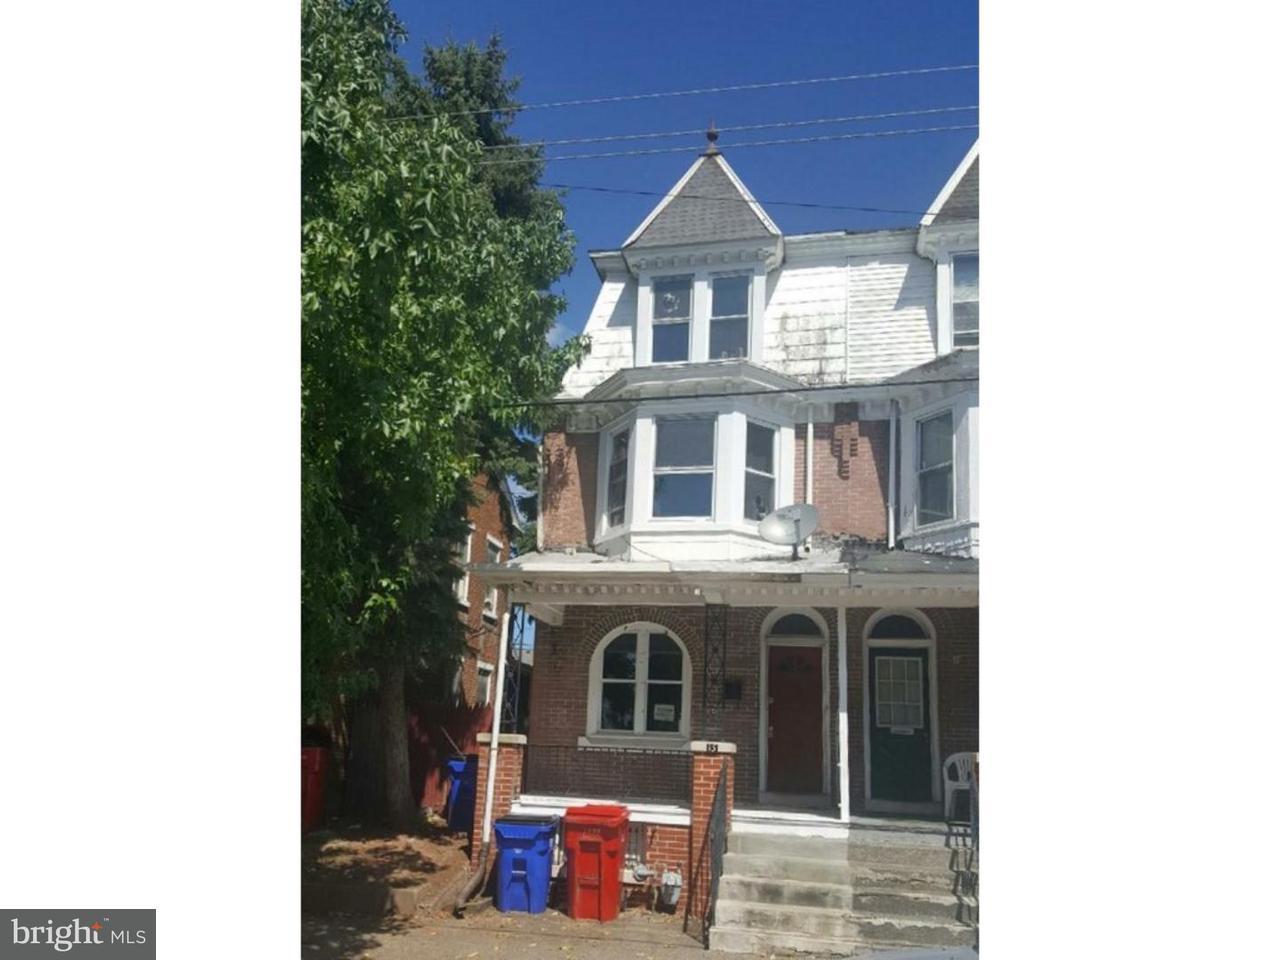 Casa unifamiliar adosada (Townhouse) por un Alquiler en 15 E 2ND Street Pottstown, Pennsylvania 19464 Estados Unidos